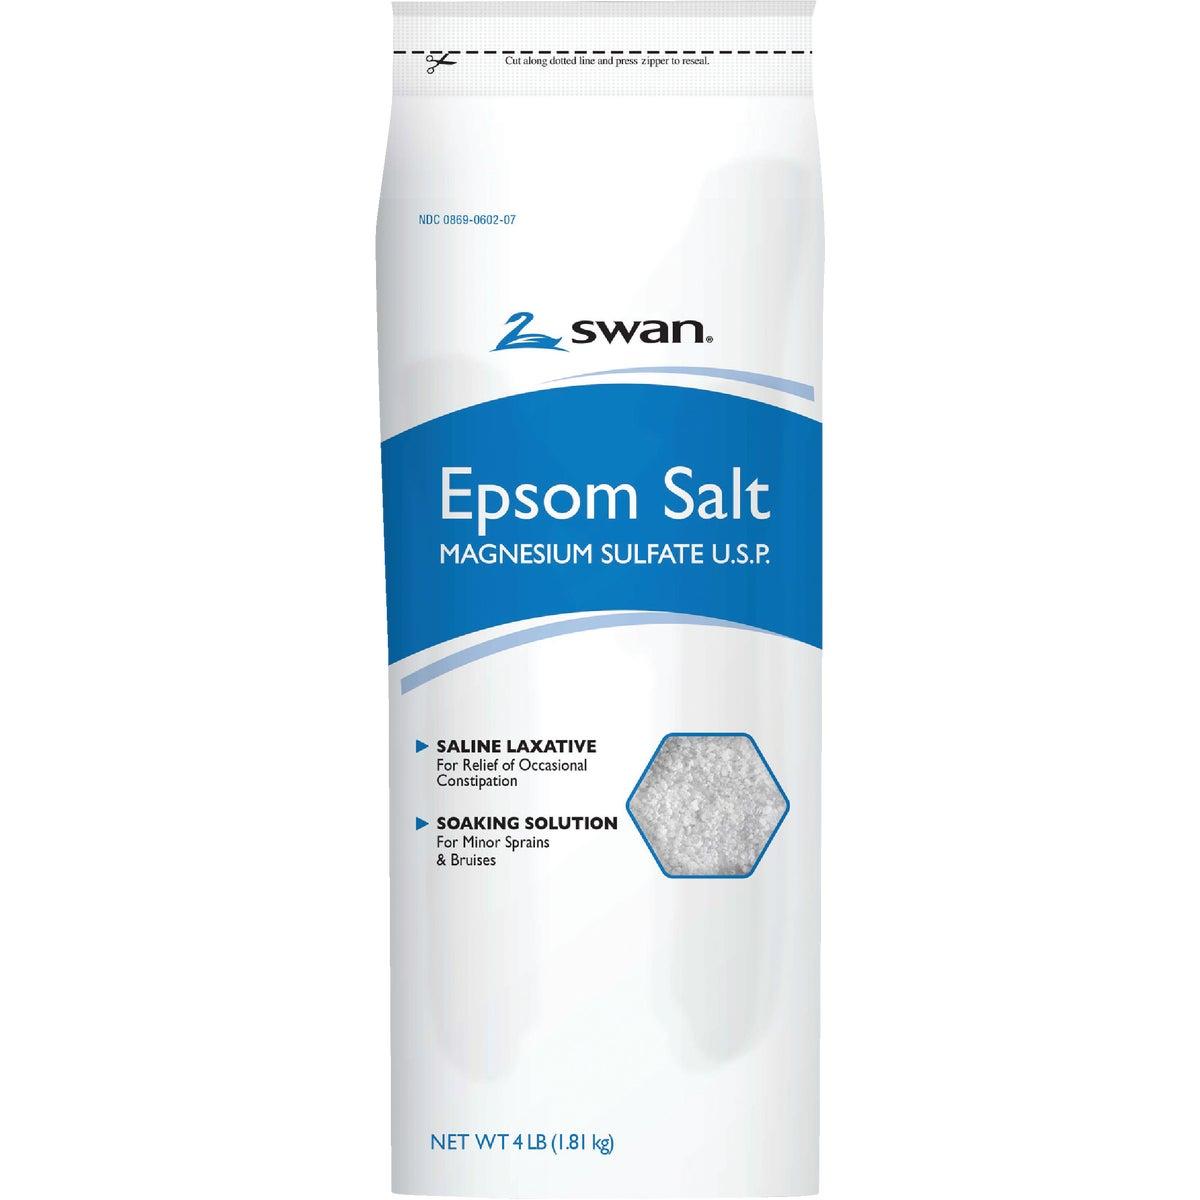 4LB SWAN EPSOM SALT - S0594 by Vi-jon, Inc.